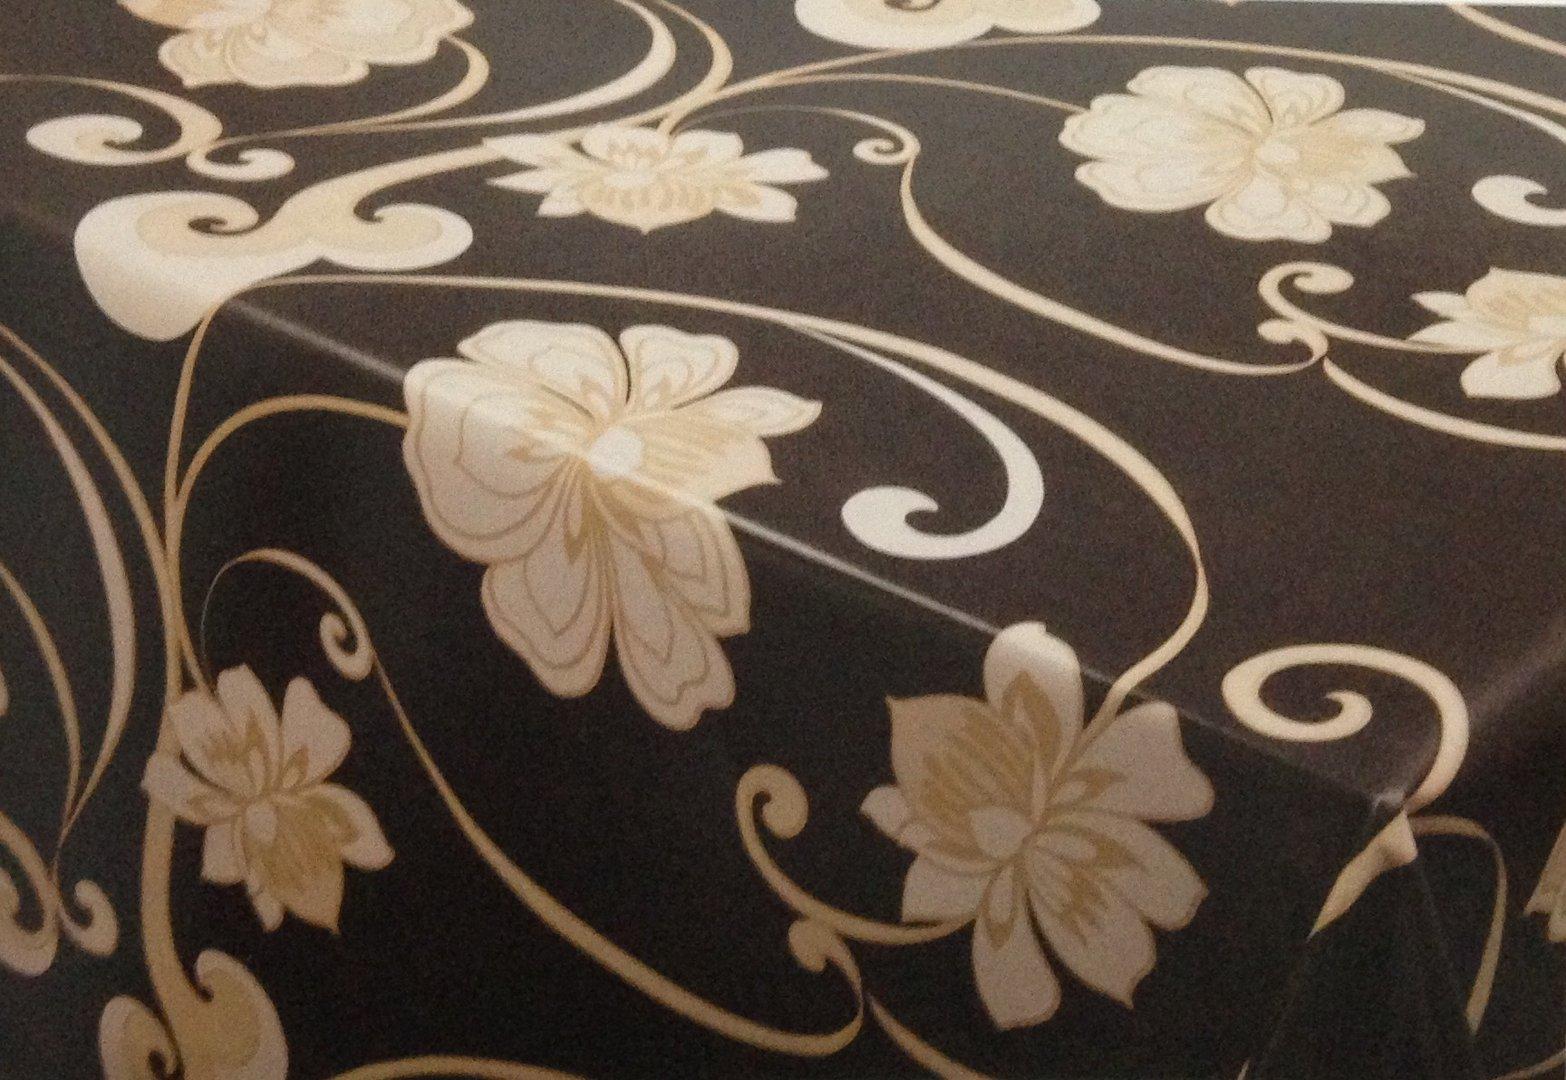 wachstuch tischdecke meterware modern k150173 floral gold schwarz eckig rund oval. Black Bedroom Furniture Sets. Home Design Ideas